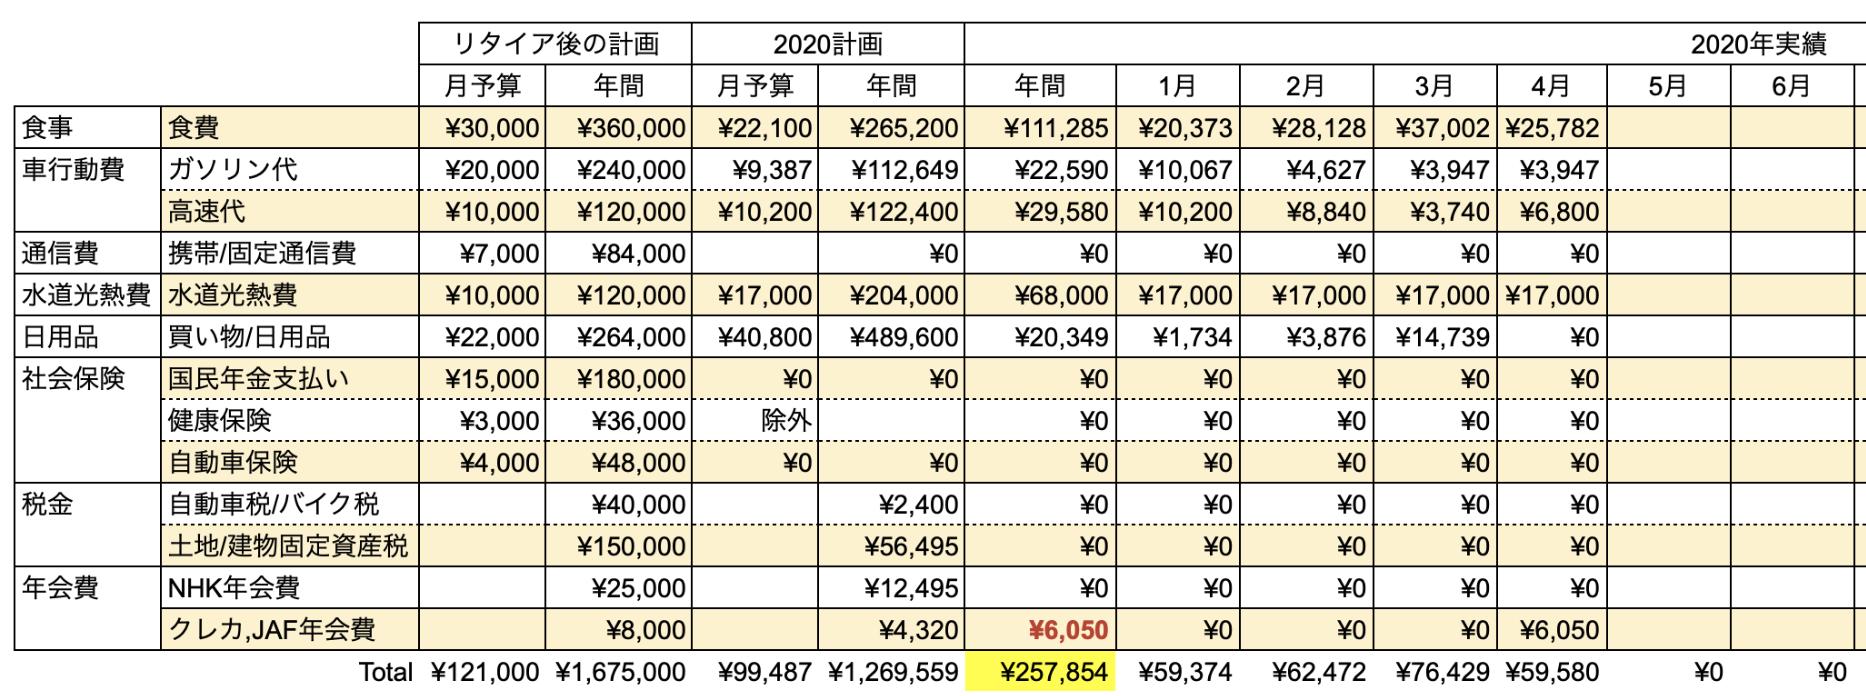 支出実績2020_04月_生活費